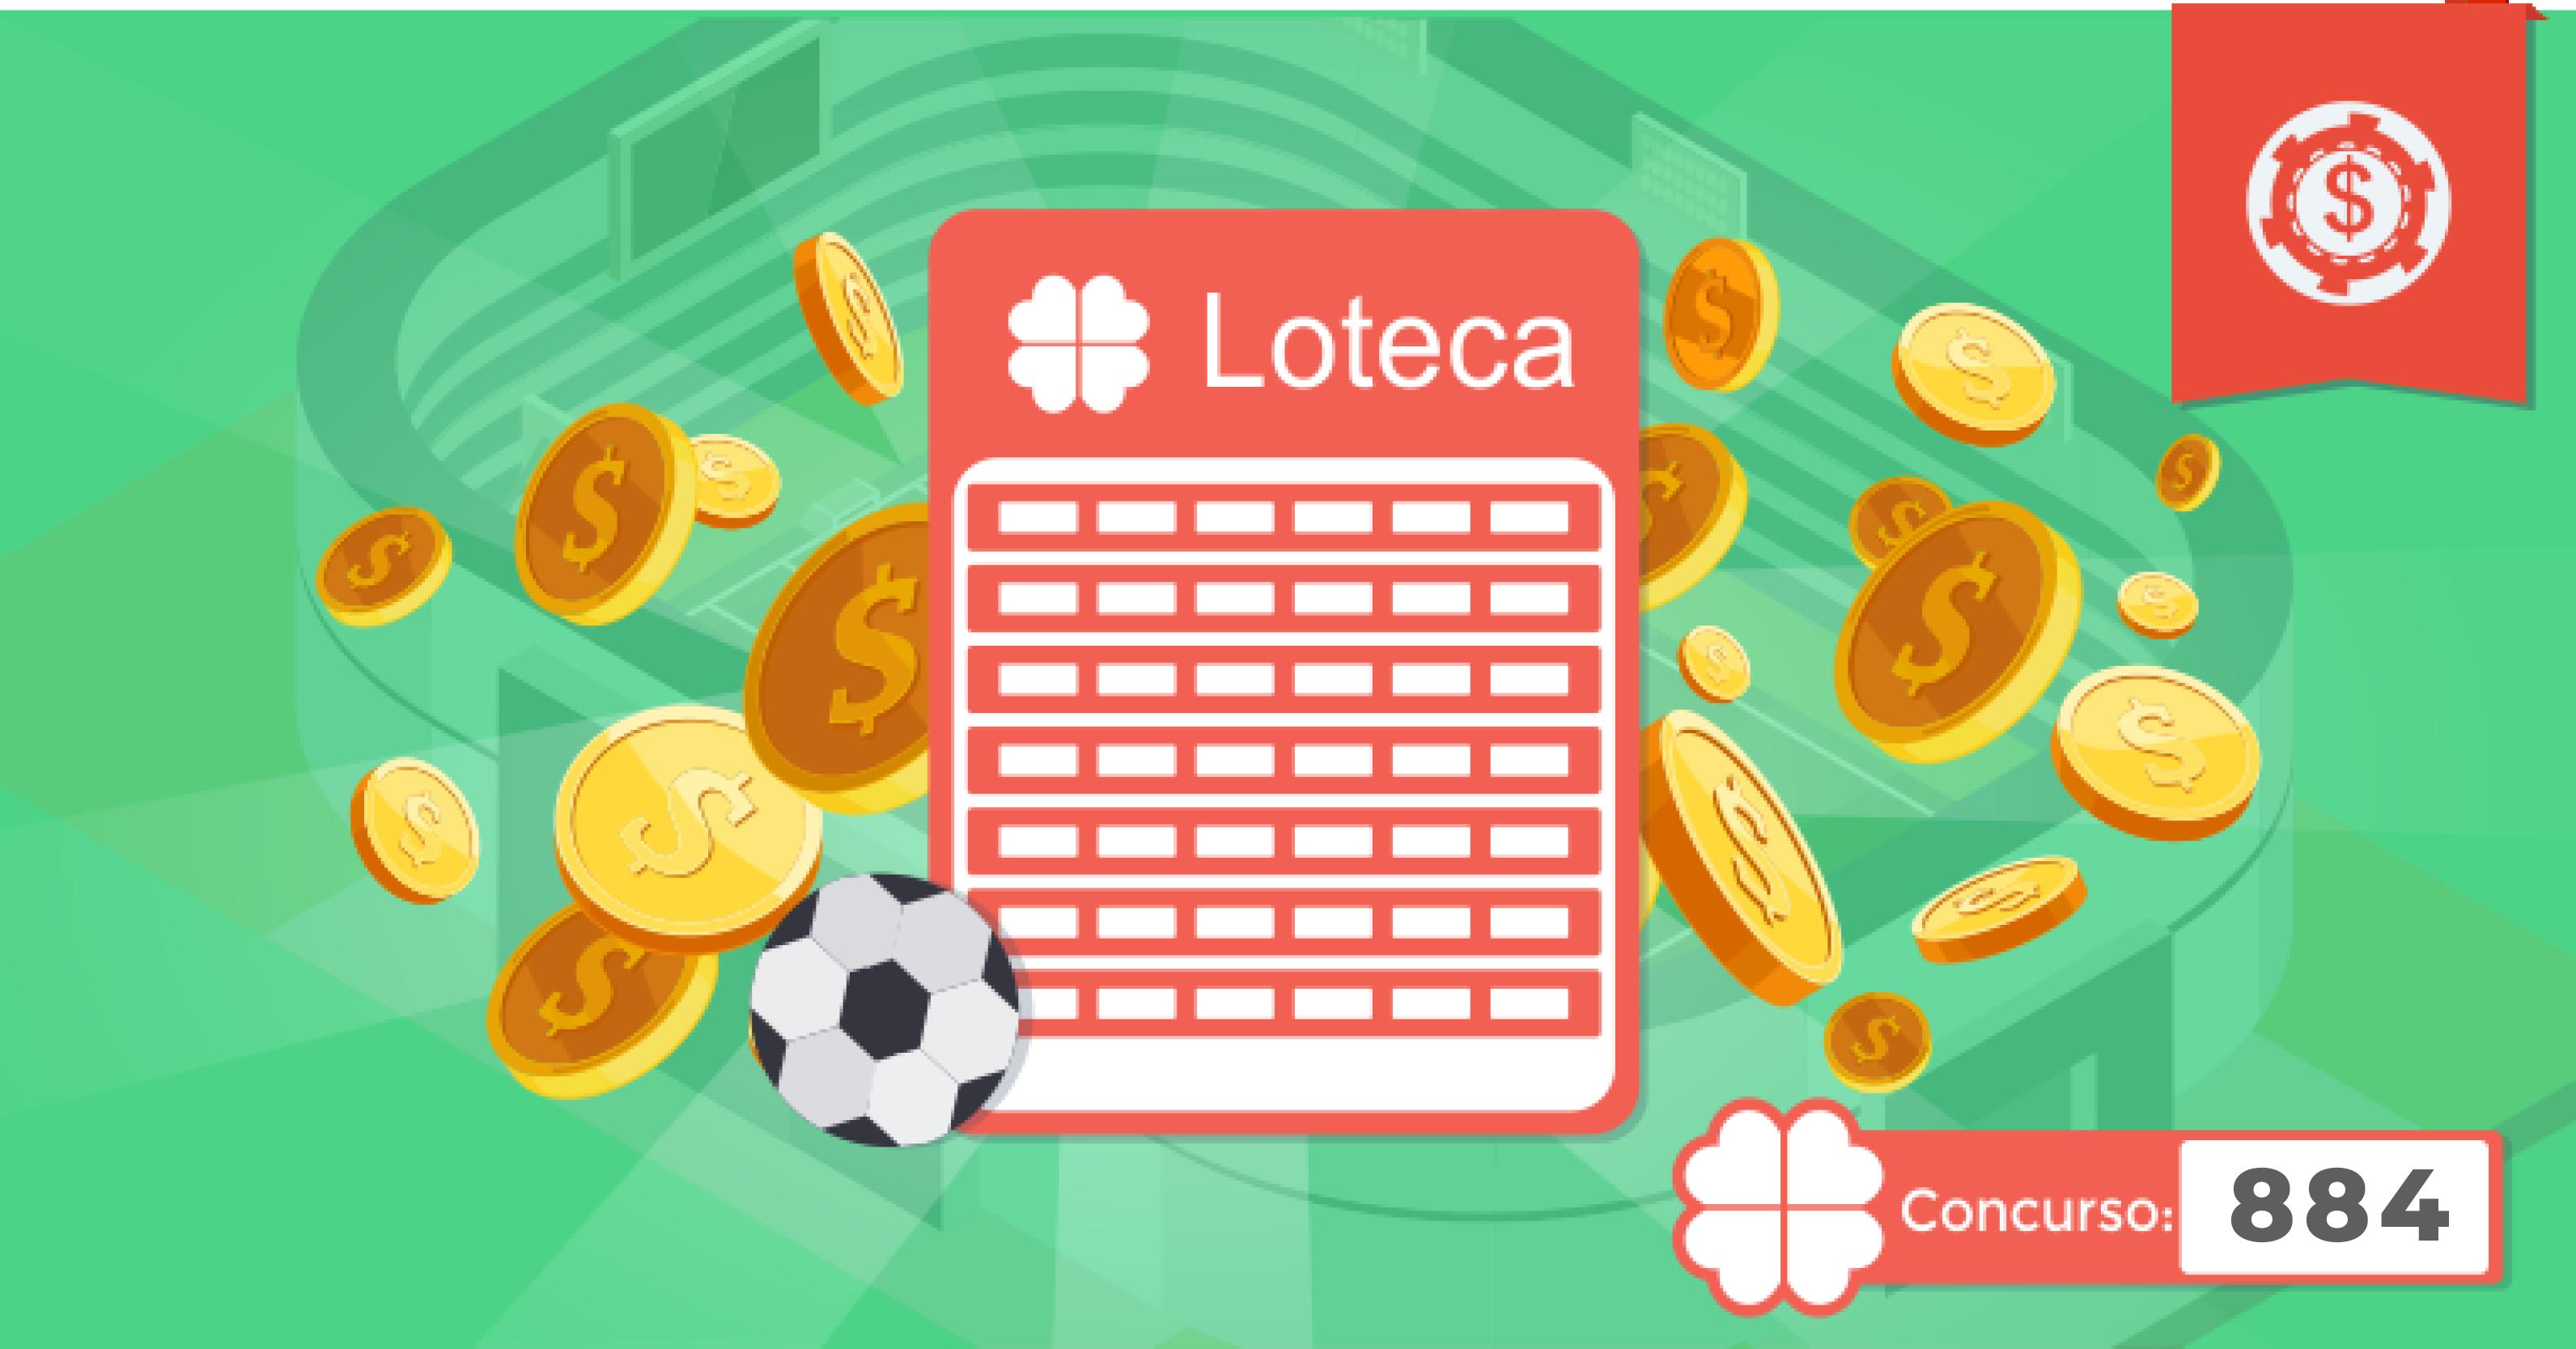 palpites-loteca-884-palpites-loteca-semana